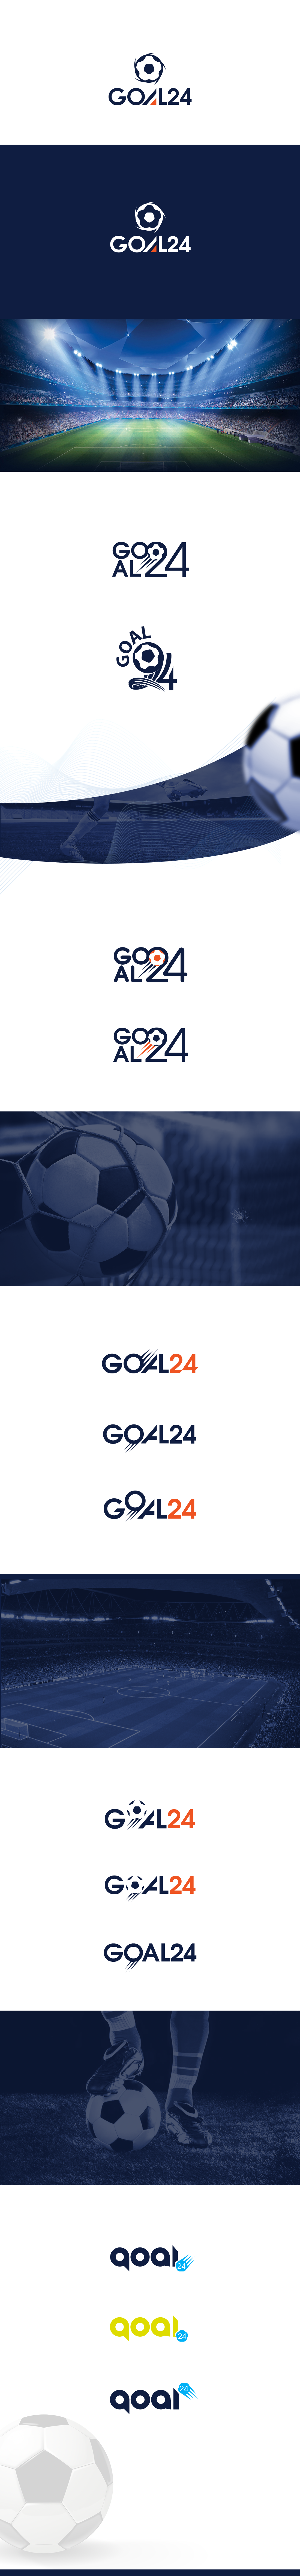 Goal24 - футбольные обзоры